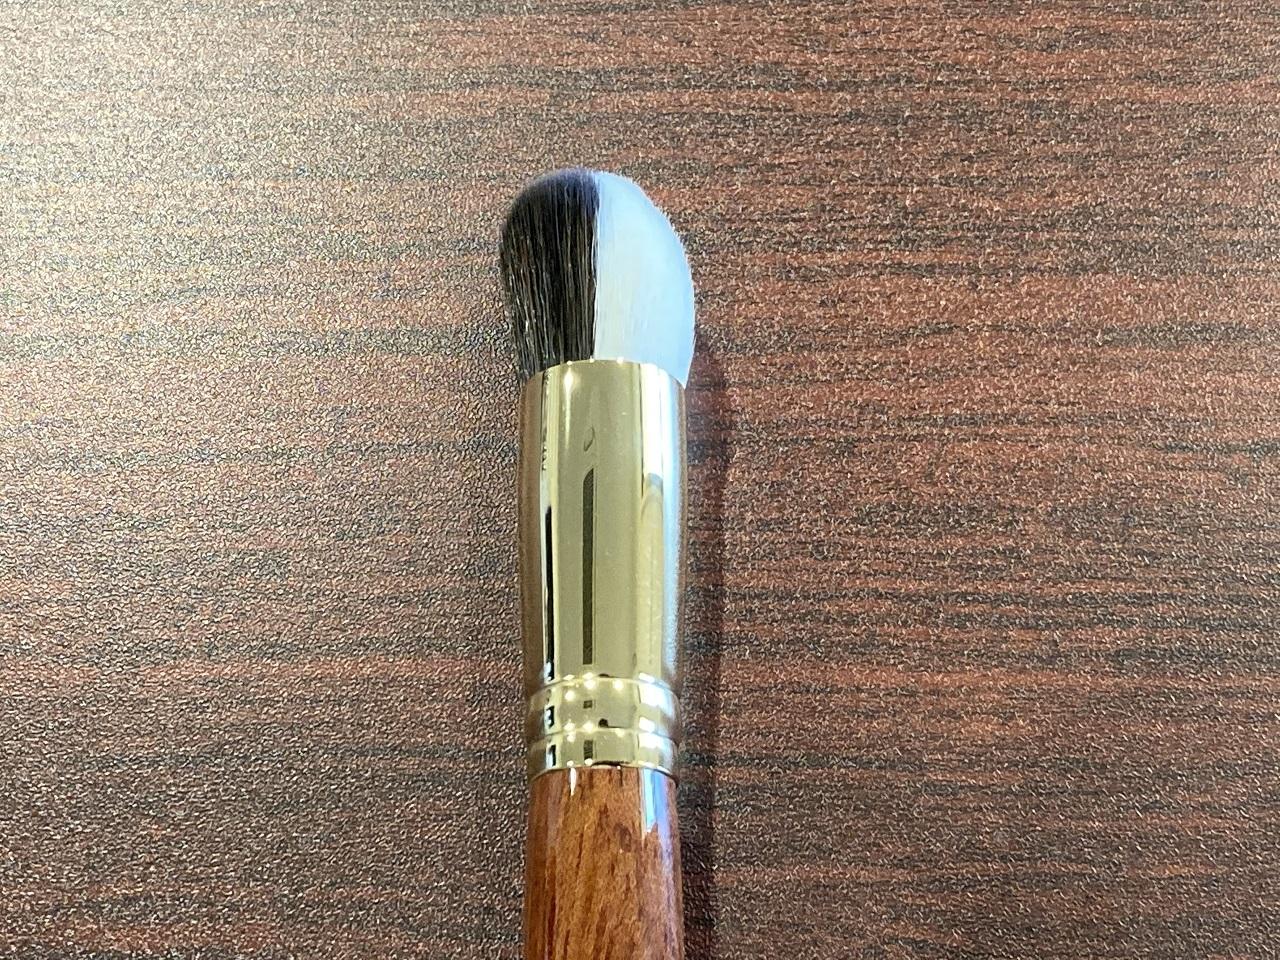 リキッドファンデーションを伸ばす黒い毛と、なじませる白い毛という2種の毛で作られた業界初の「リキッドファンデーションブラシ」¥4,800・税別